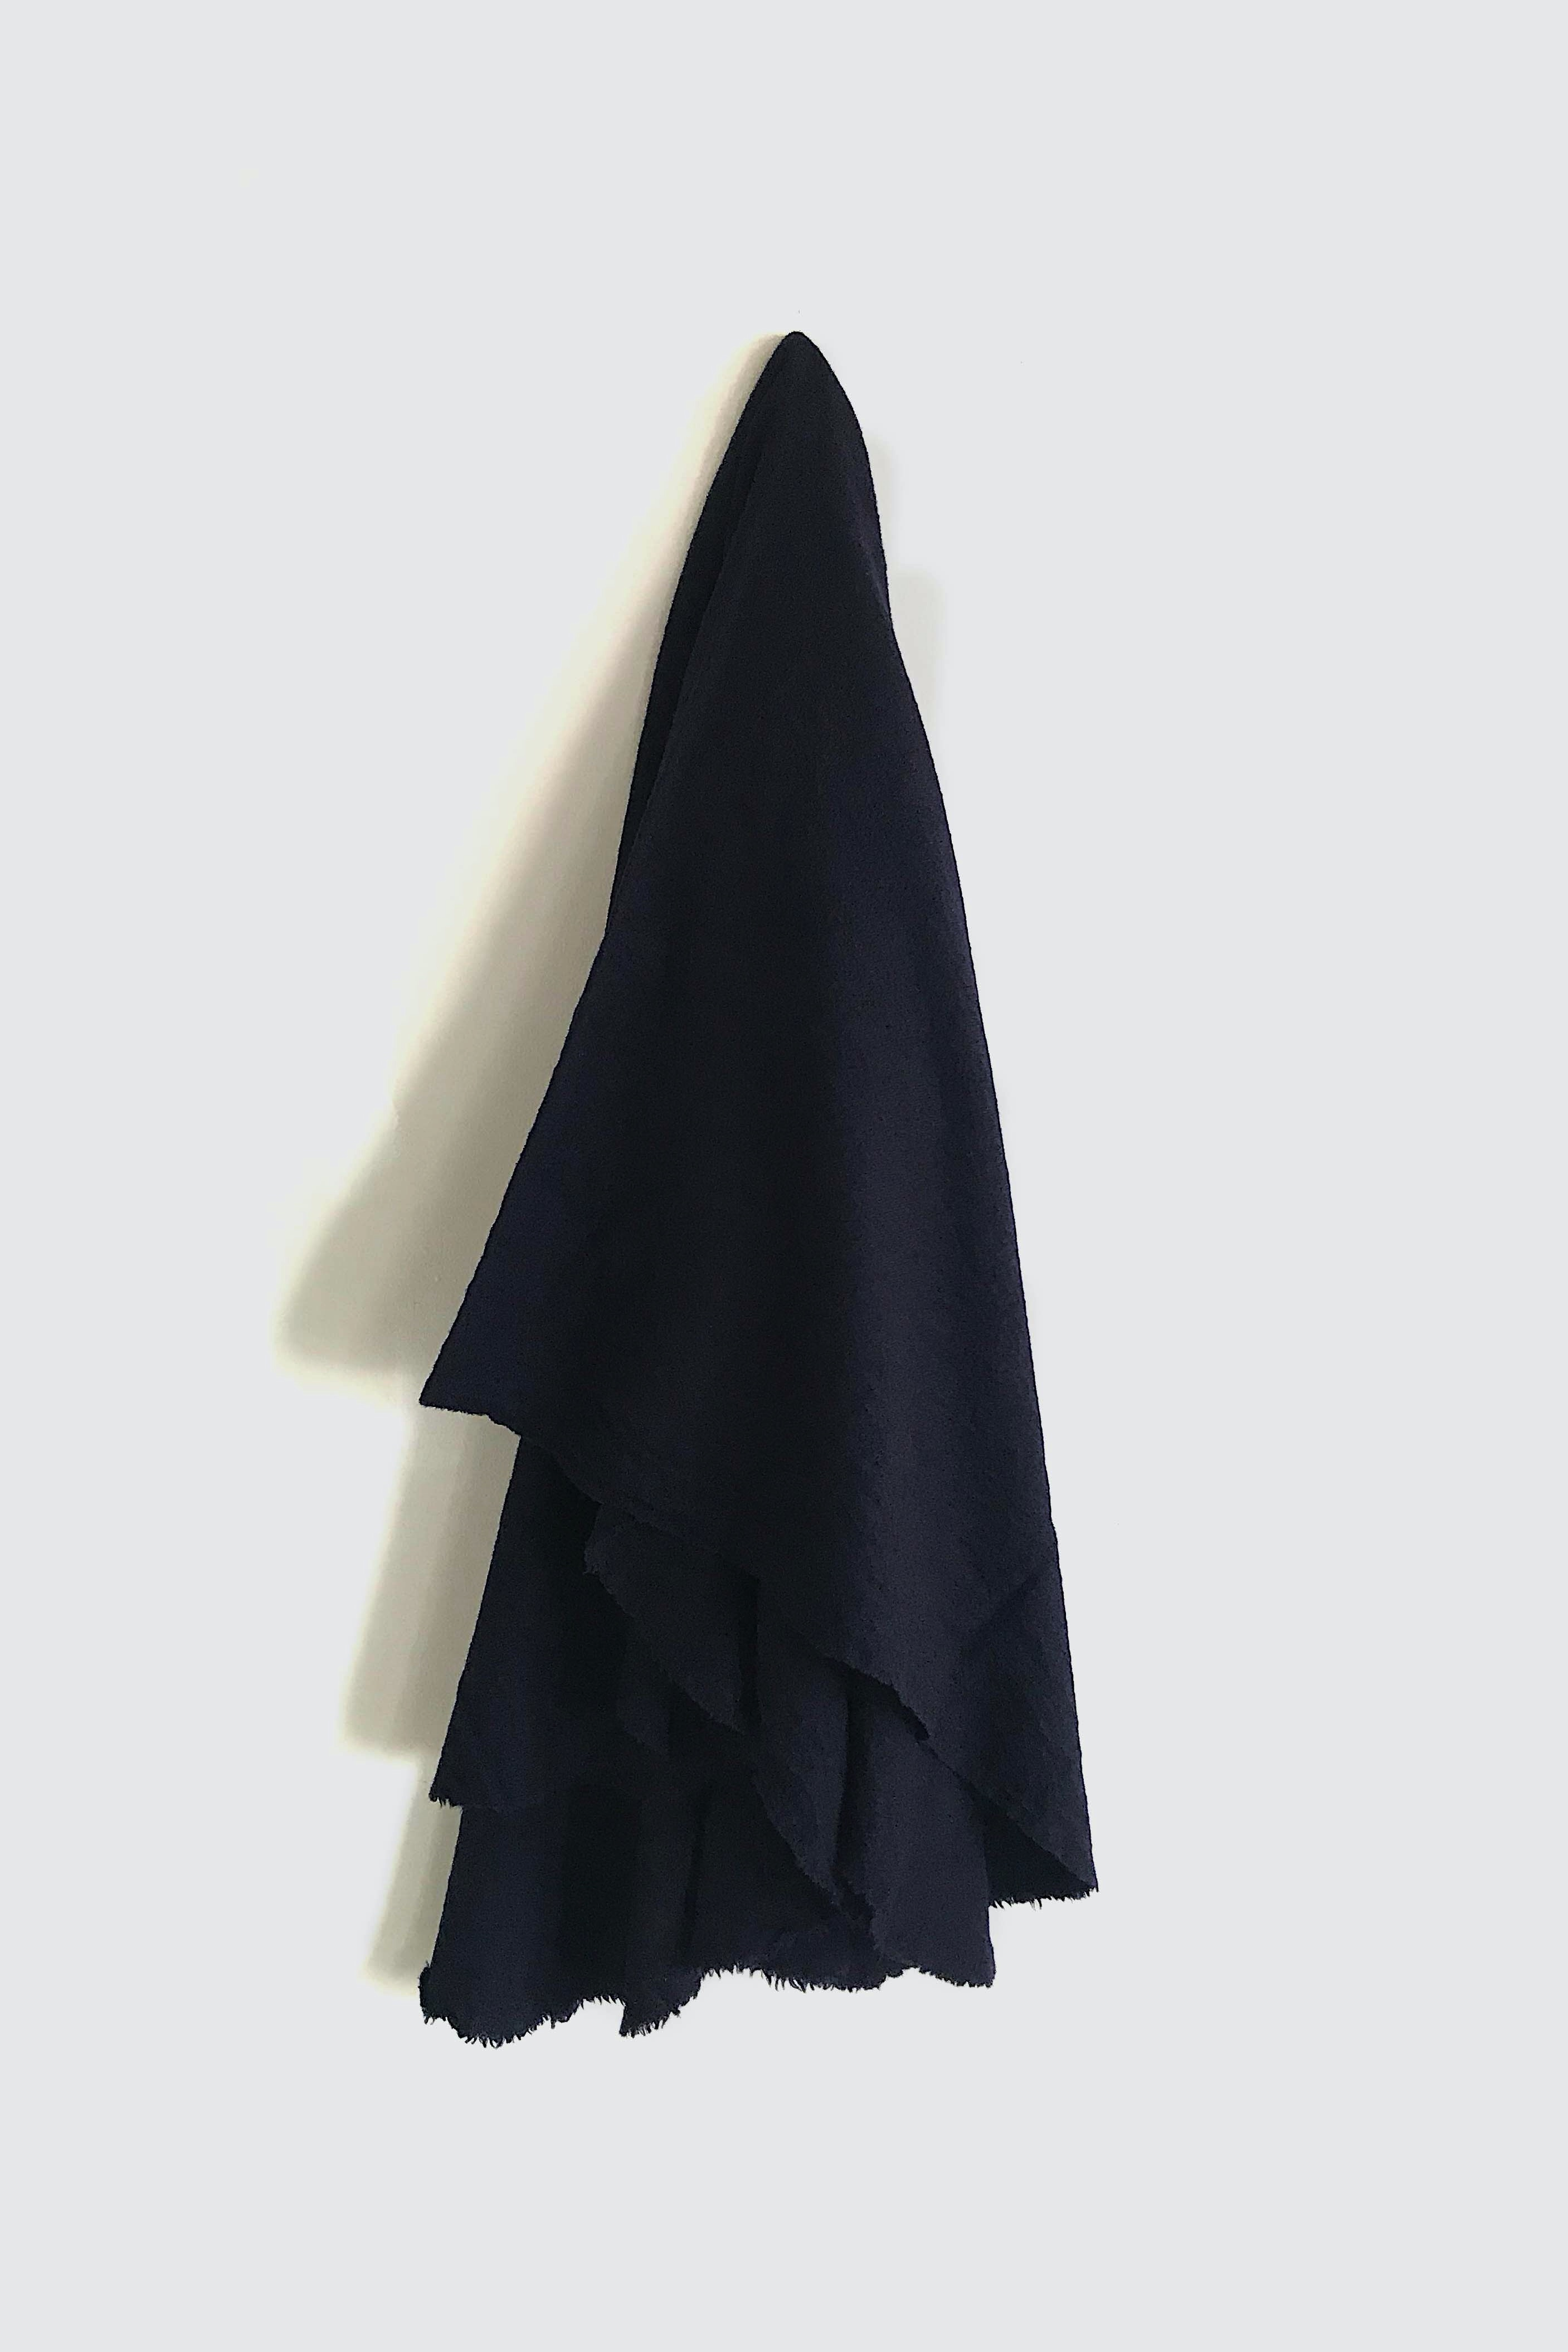 01473-4 muji cut stole / navy